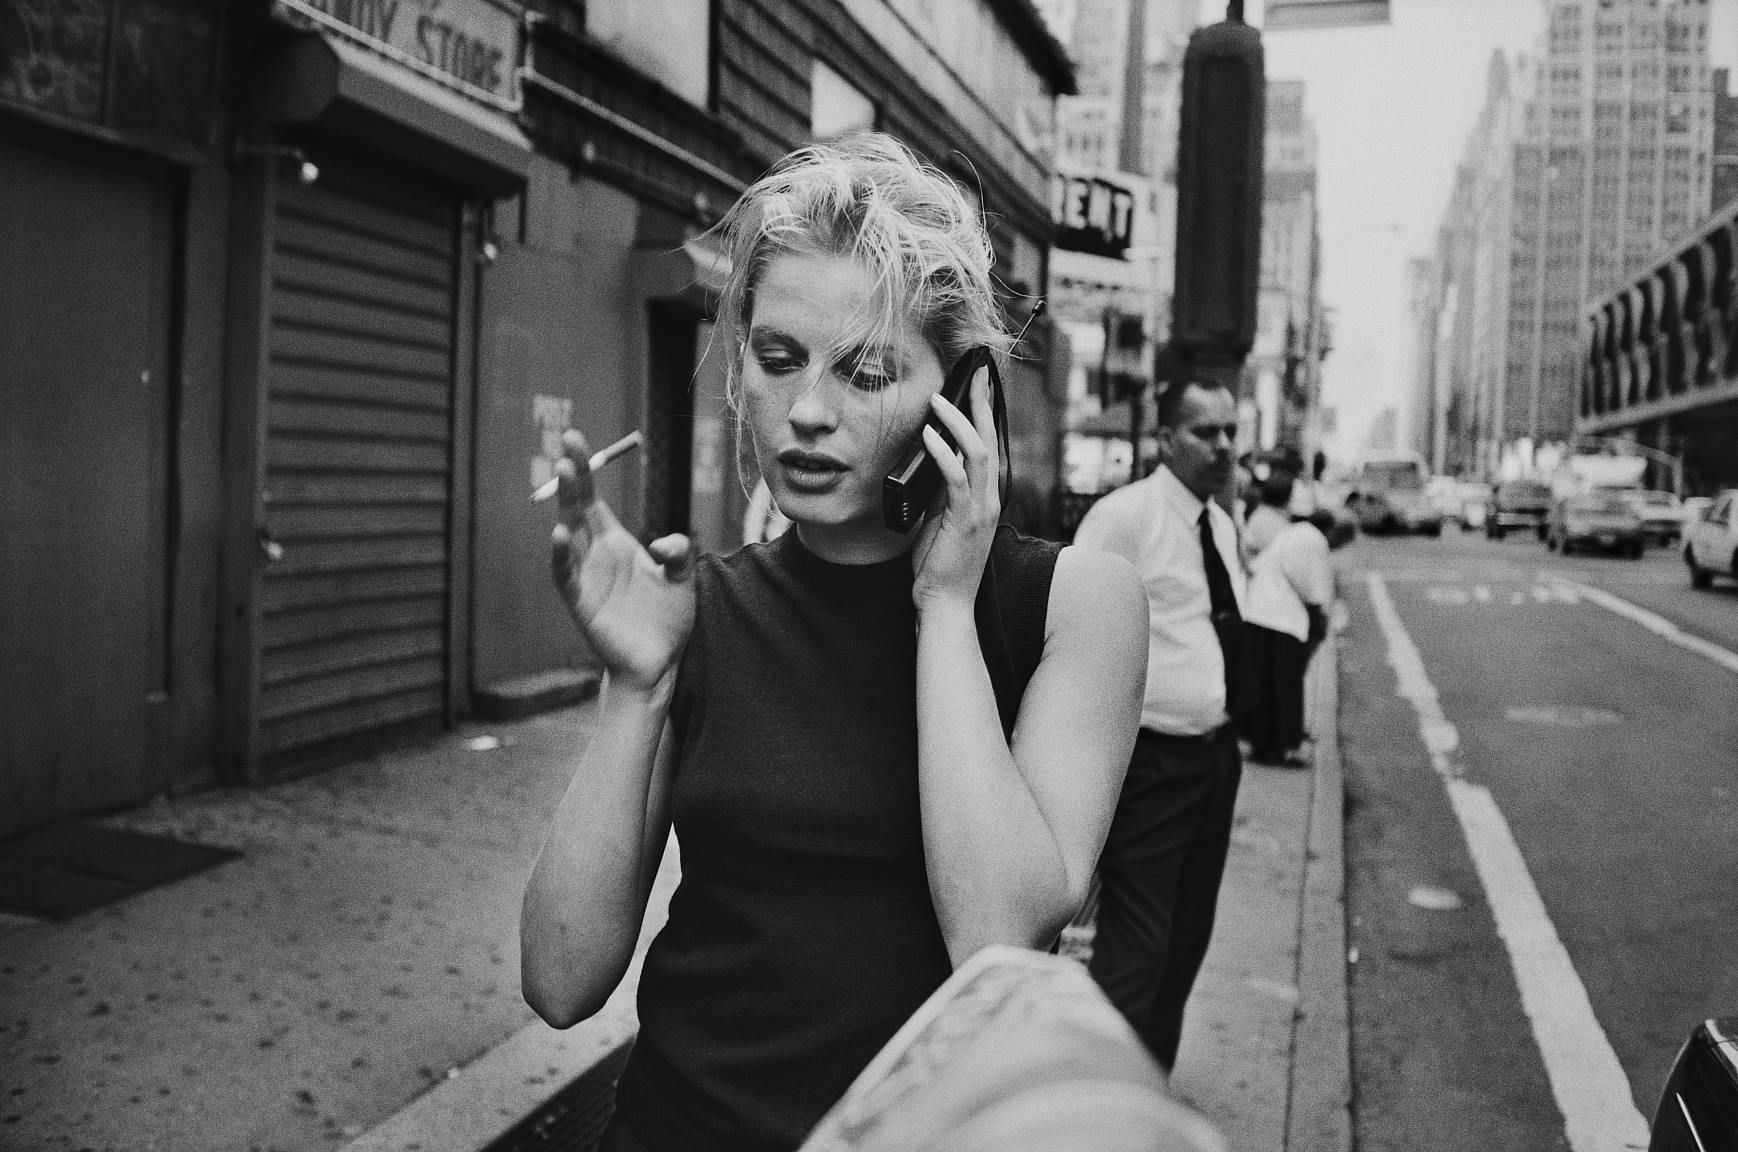 women on street 2